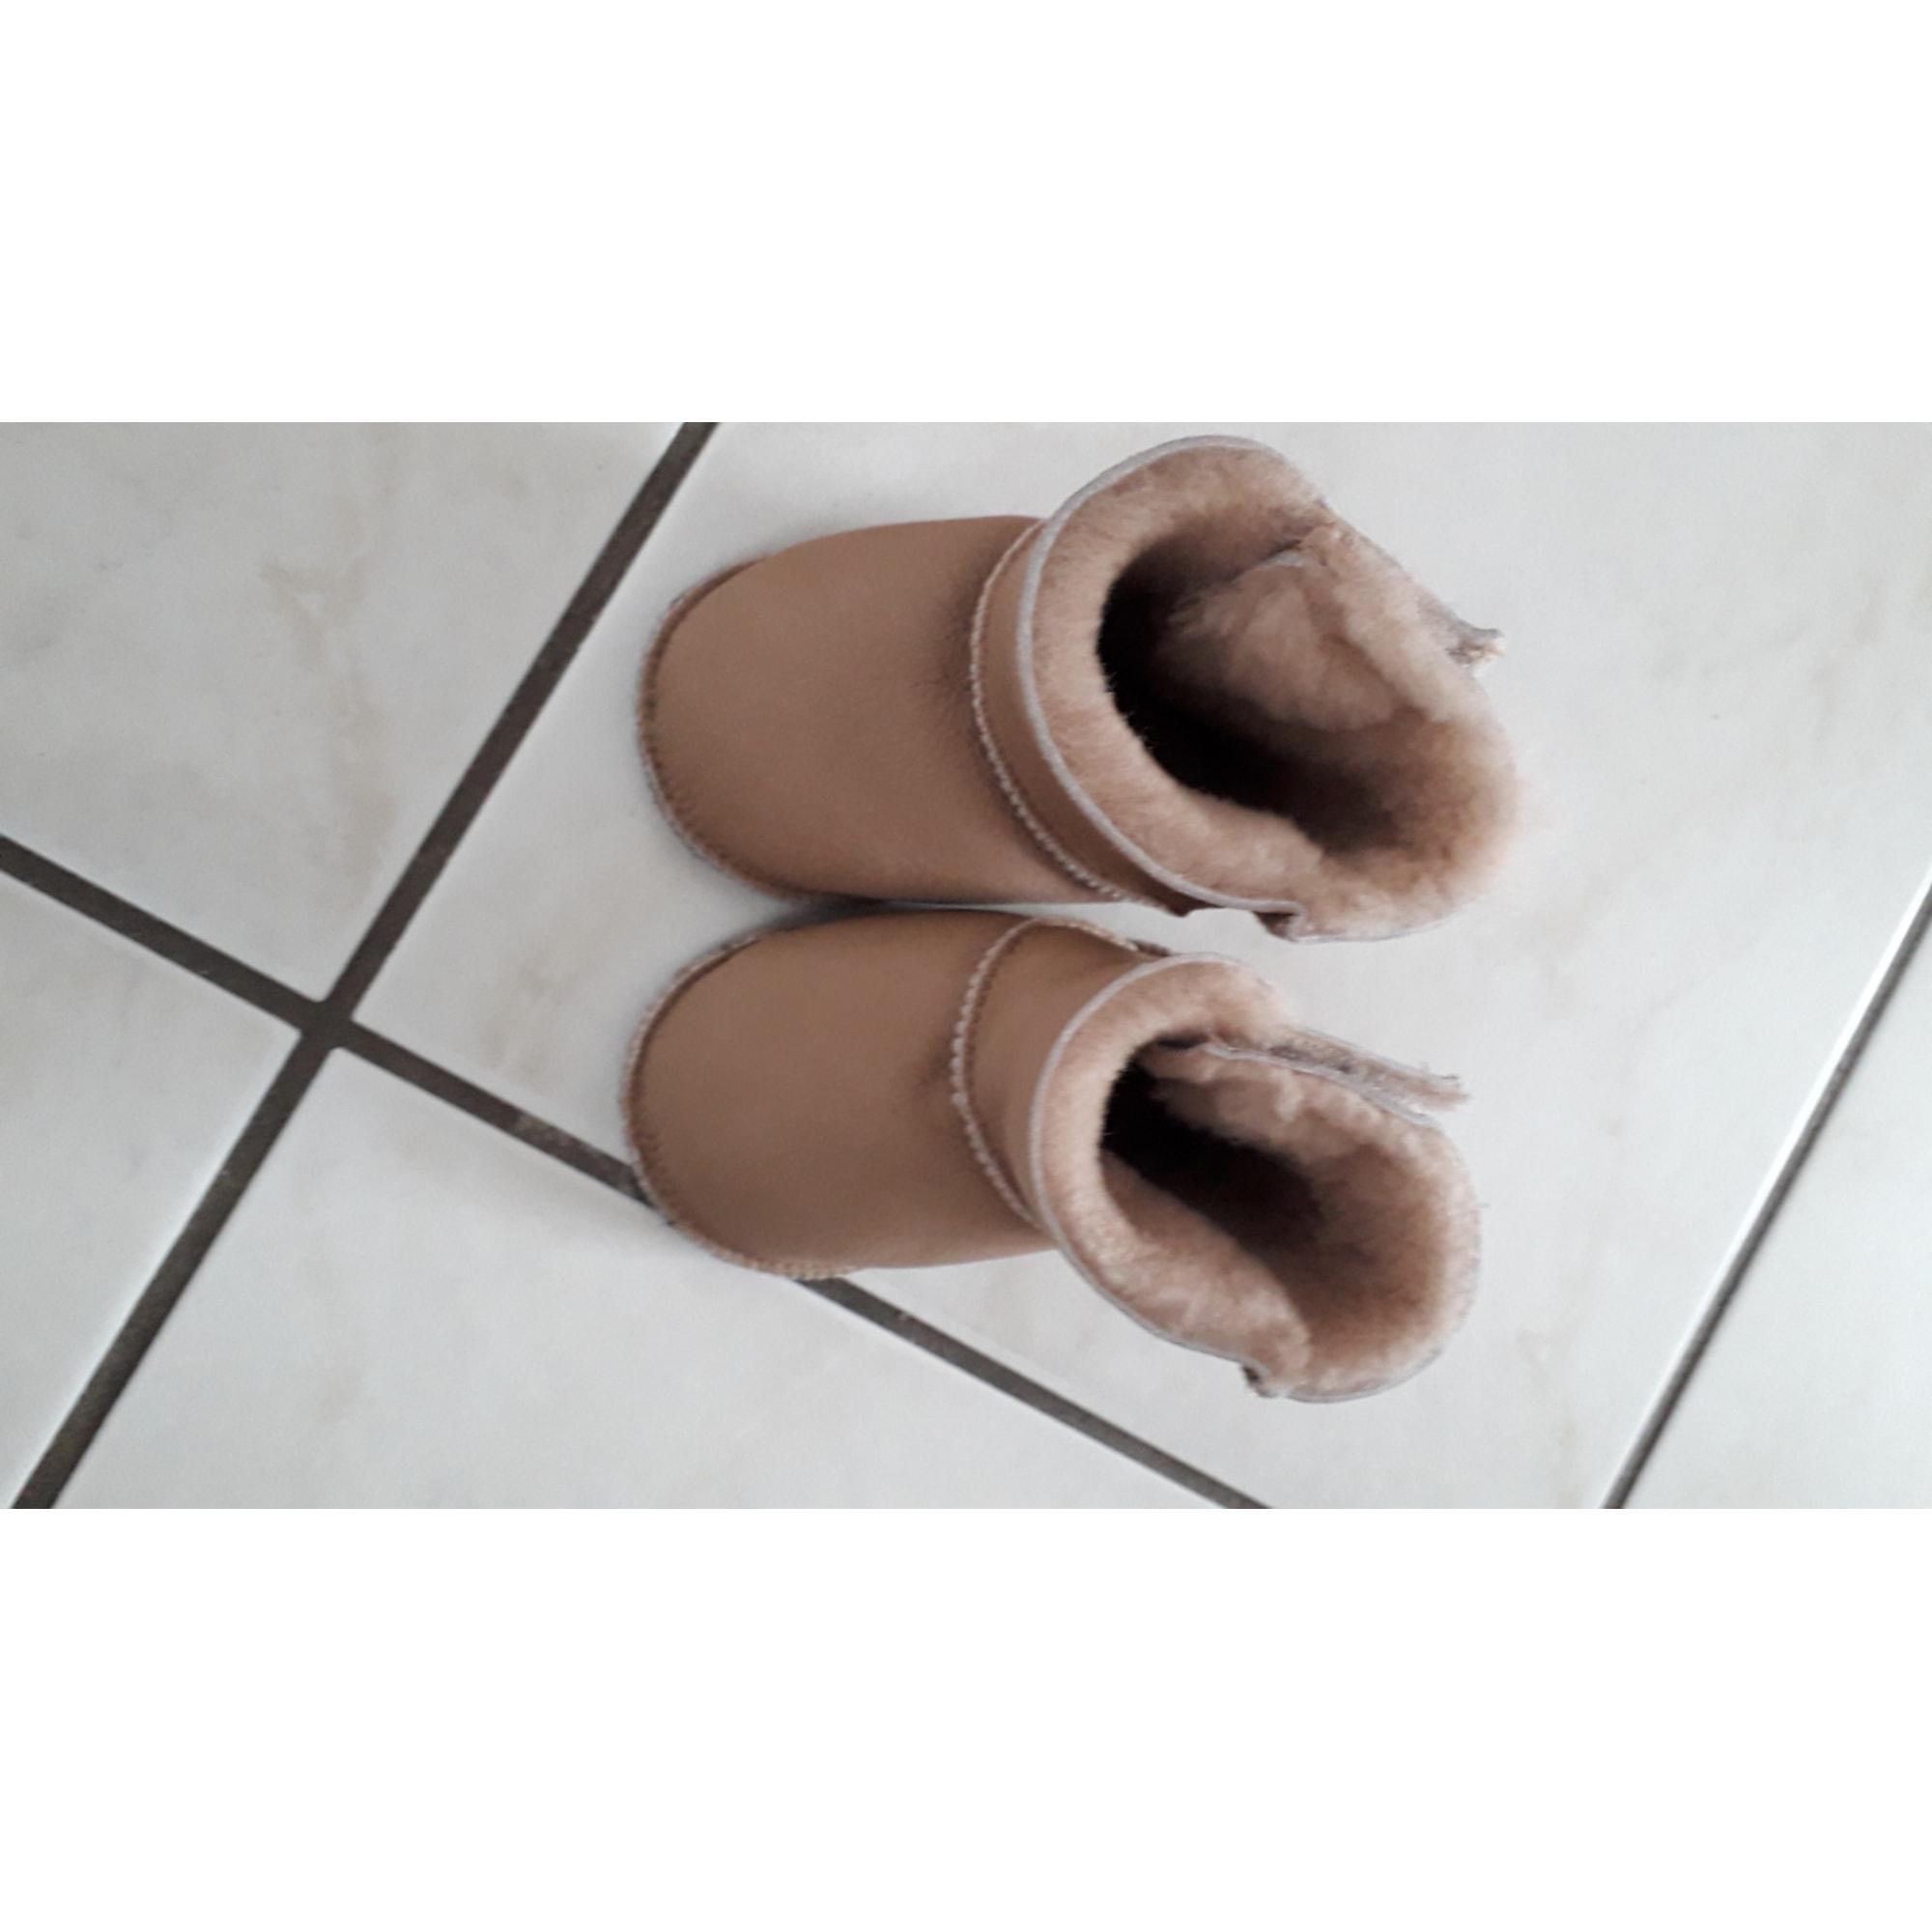 Ankle Boots JE NE CONNAIS PAS Beige, camel